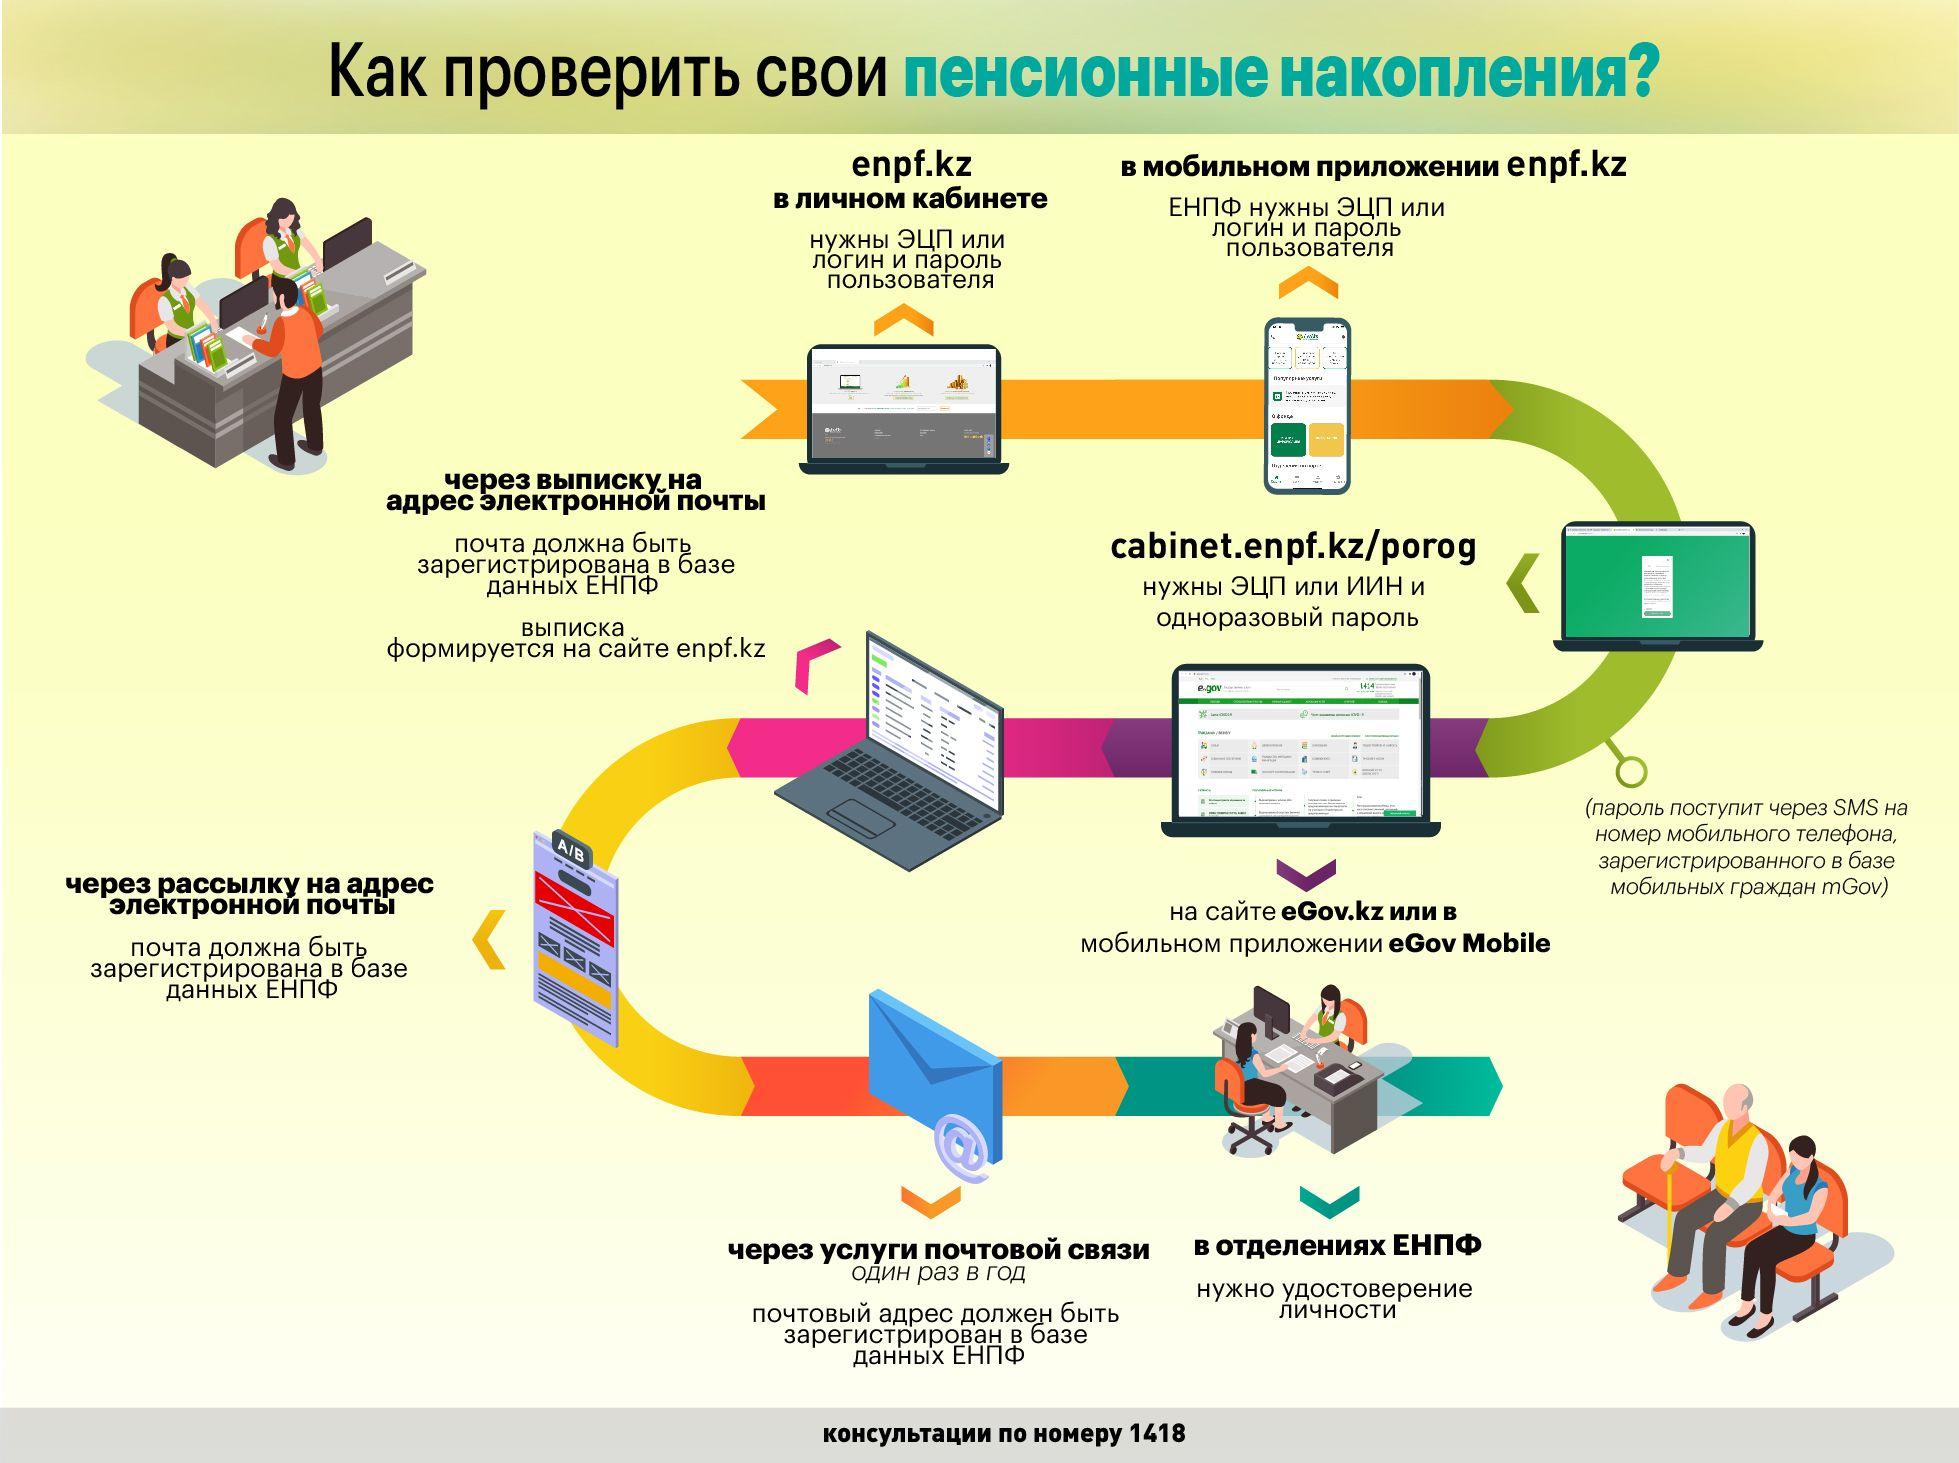 Как проверить свои пенсионные накопления? 570709 - Kapital.kz